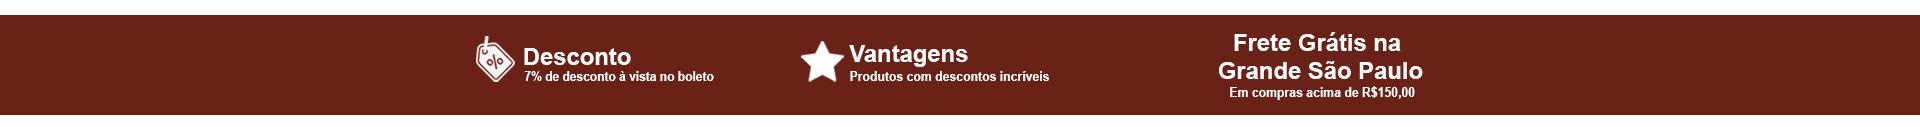 faixa de descontos e vantagens frete grátis na Grande São Paulo